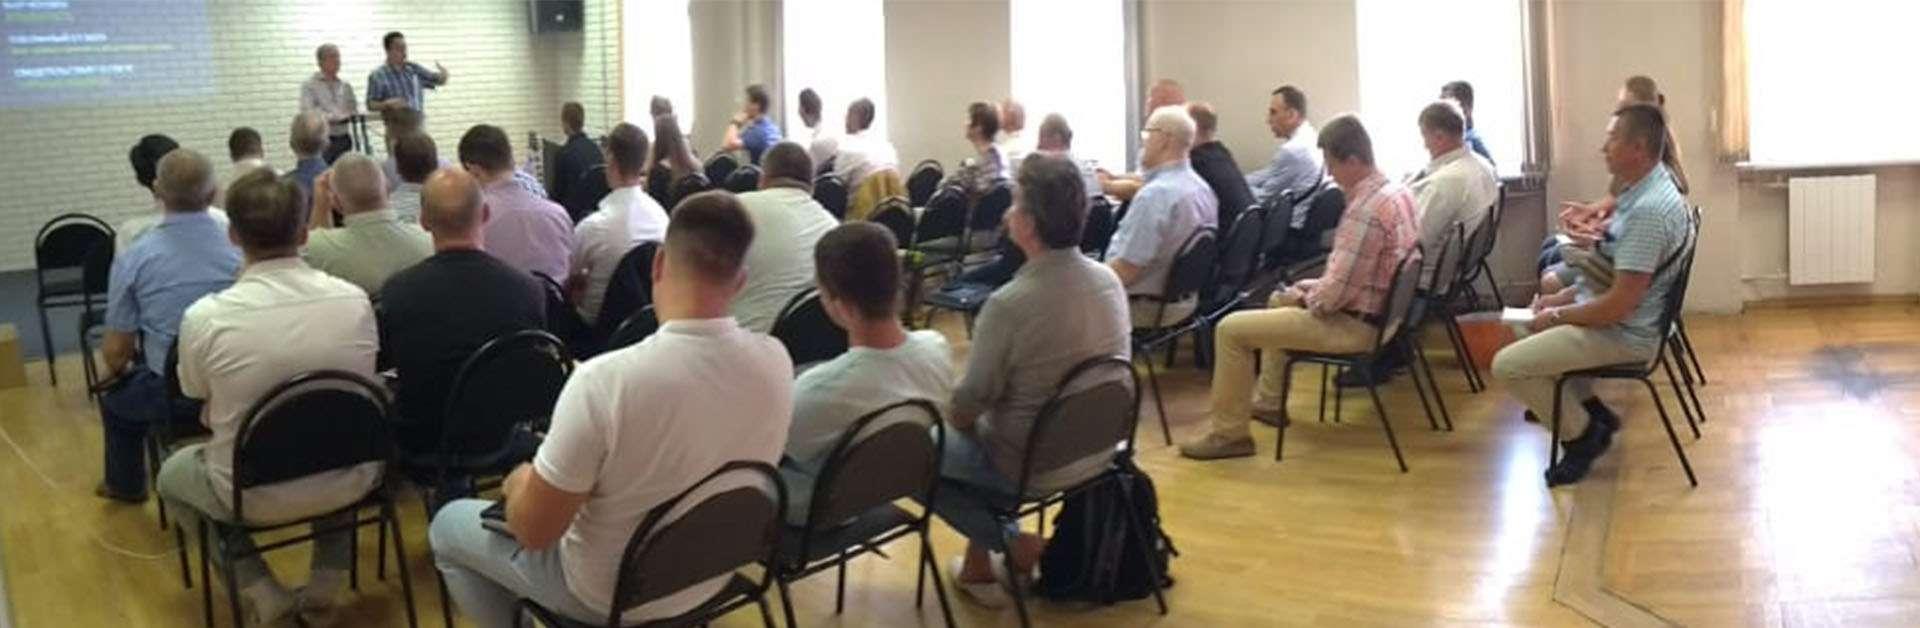 Membros da ICM participam de um seminário na Rússia